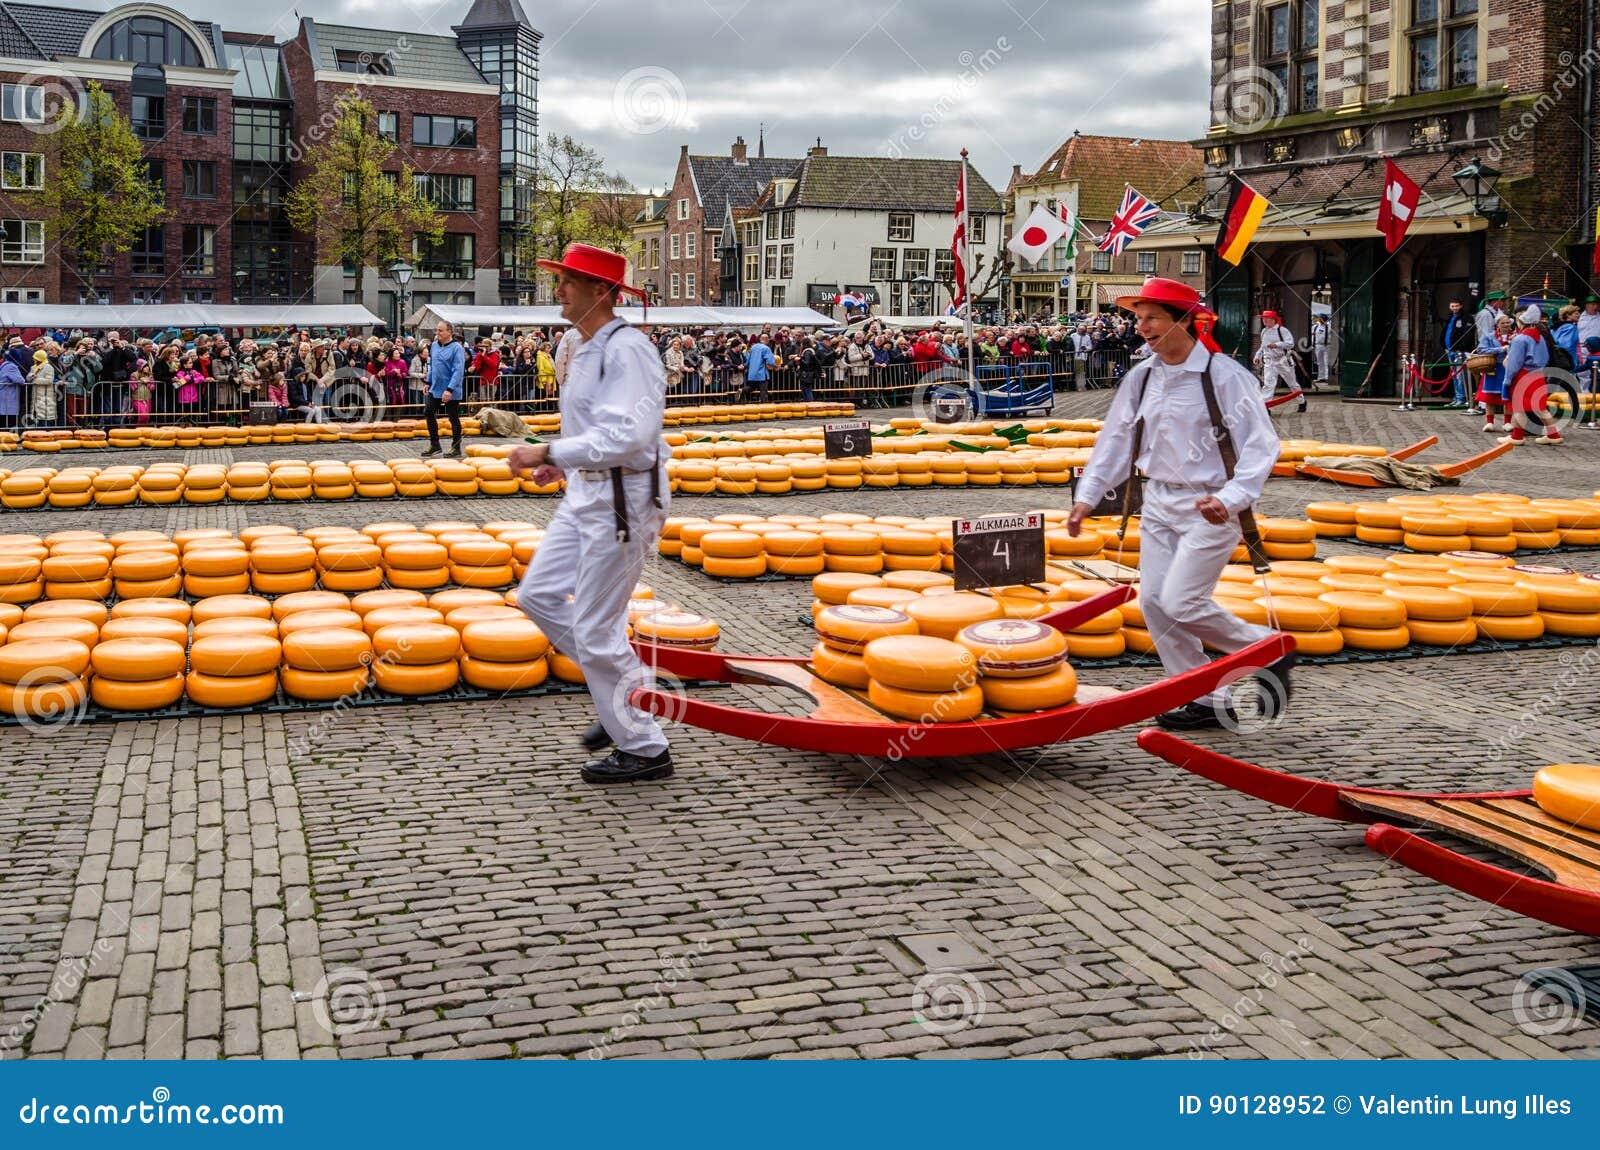 Mercado Tradicional Del Queso De Holanda En Alkmaar Los Países Bajos Fotografía Editorial Imagen De Turismo Ciudad 90128952